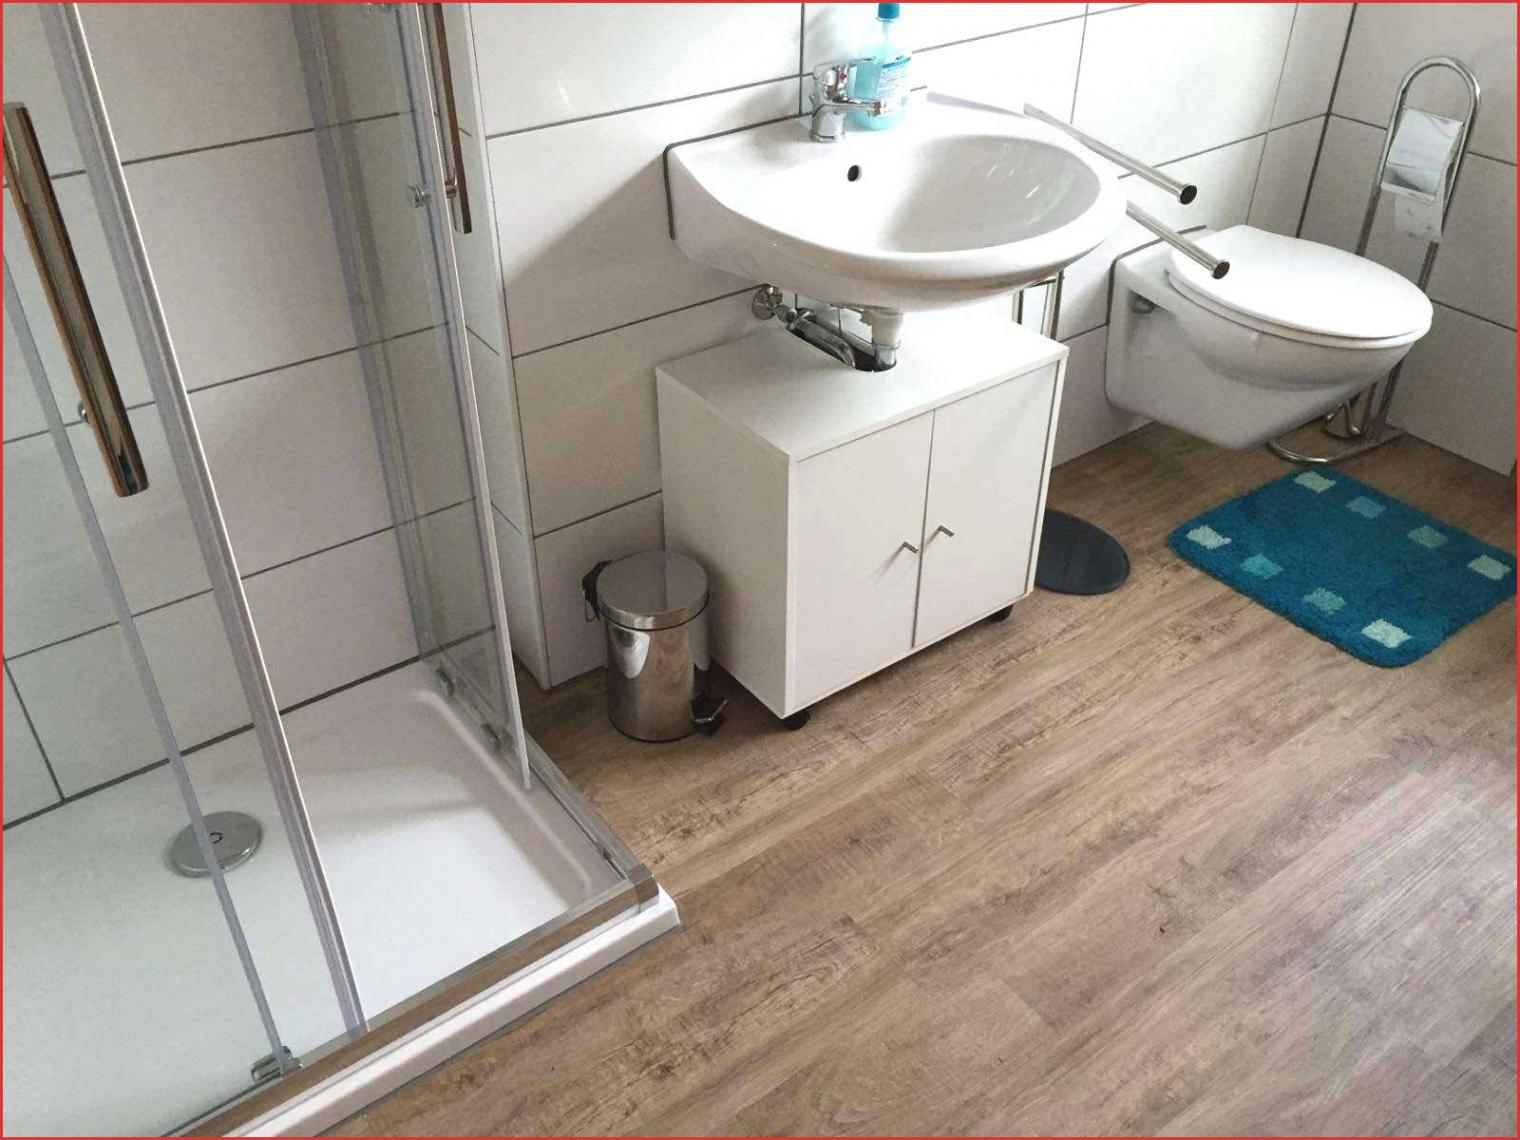 fliesen streichen luxus pvc boden pvc badezimmer 0d inspiration von fliesen holzoptik erfahrungen fliesen holzoptik erfahrungen